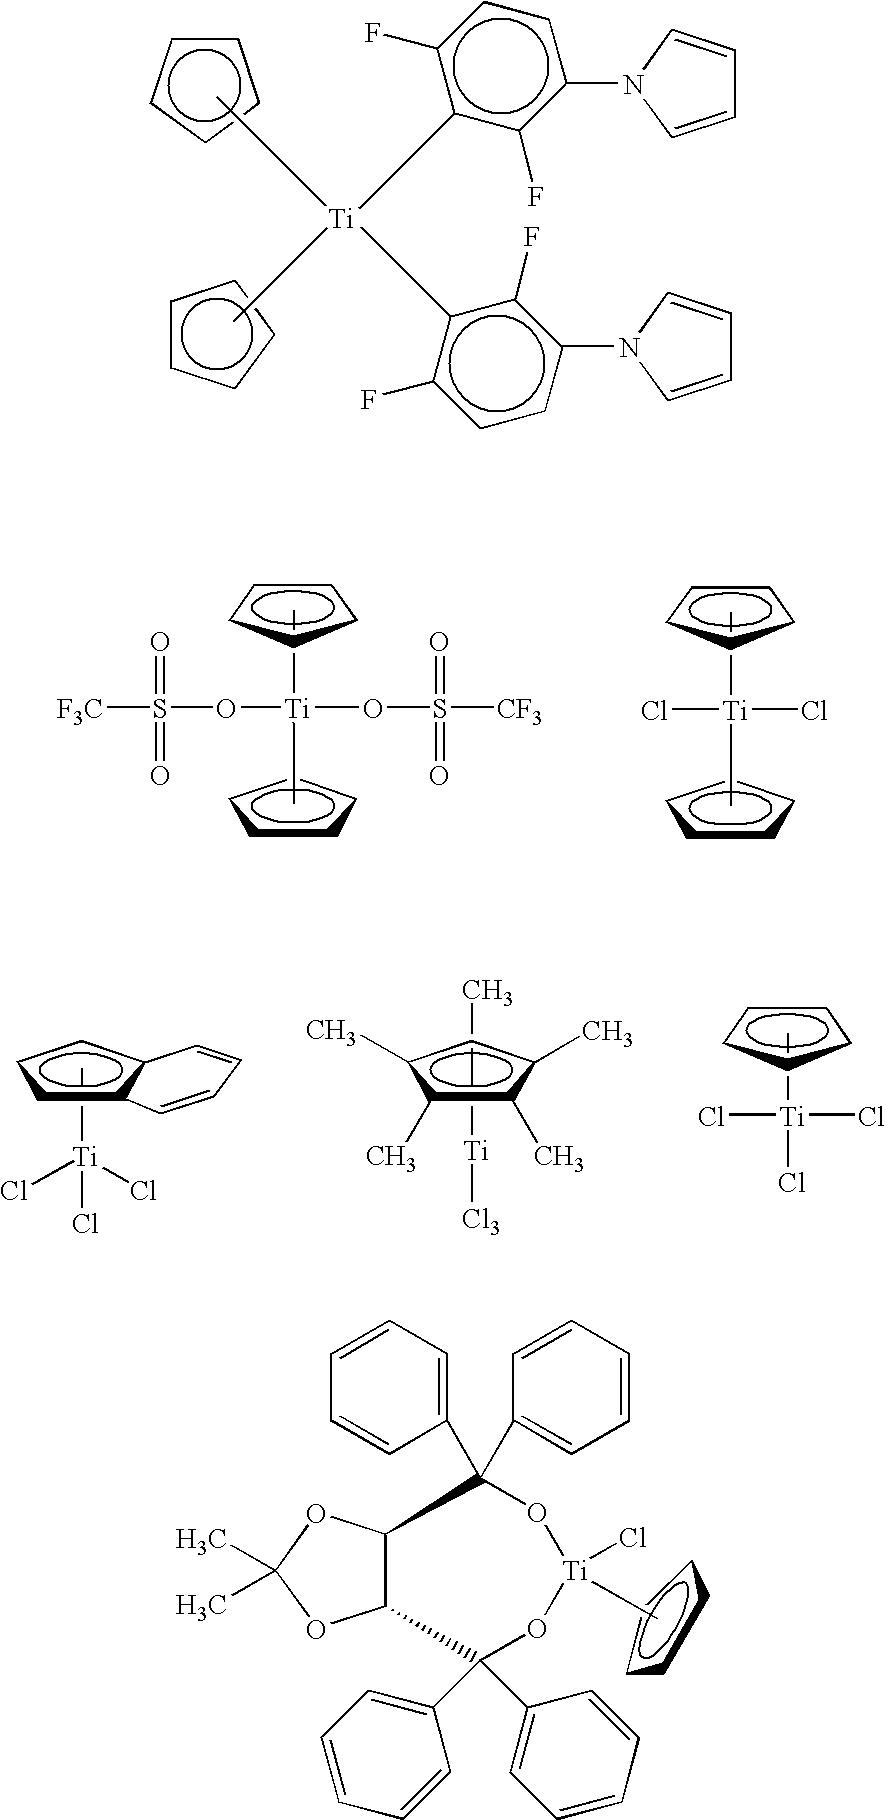 Figure US20090246663A1-20091001-C00010